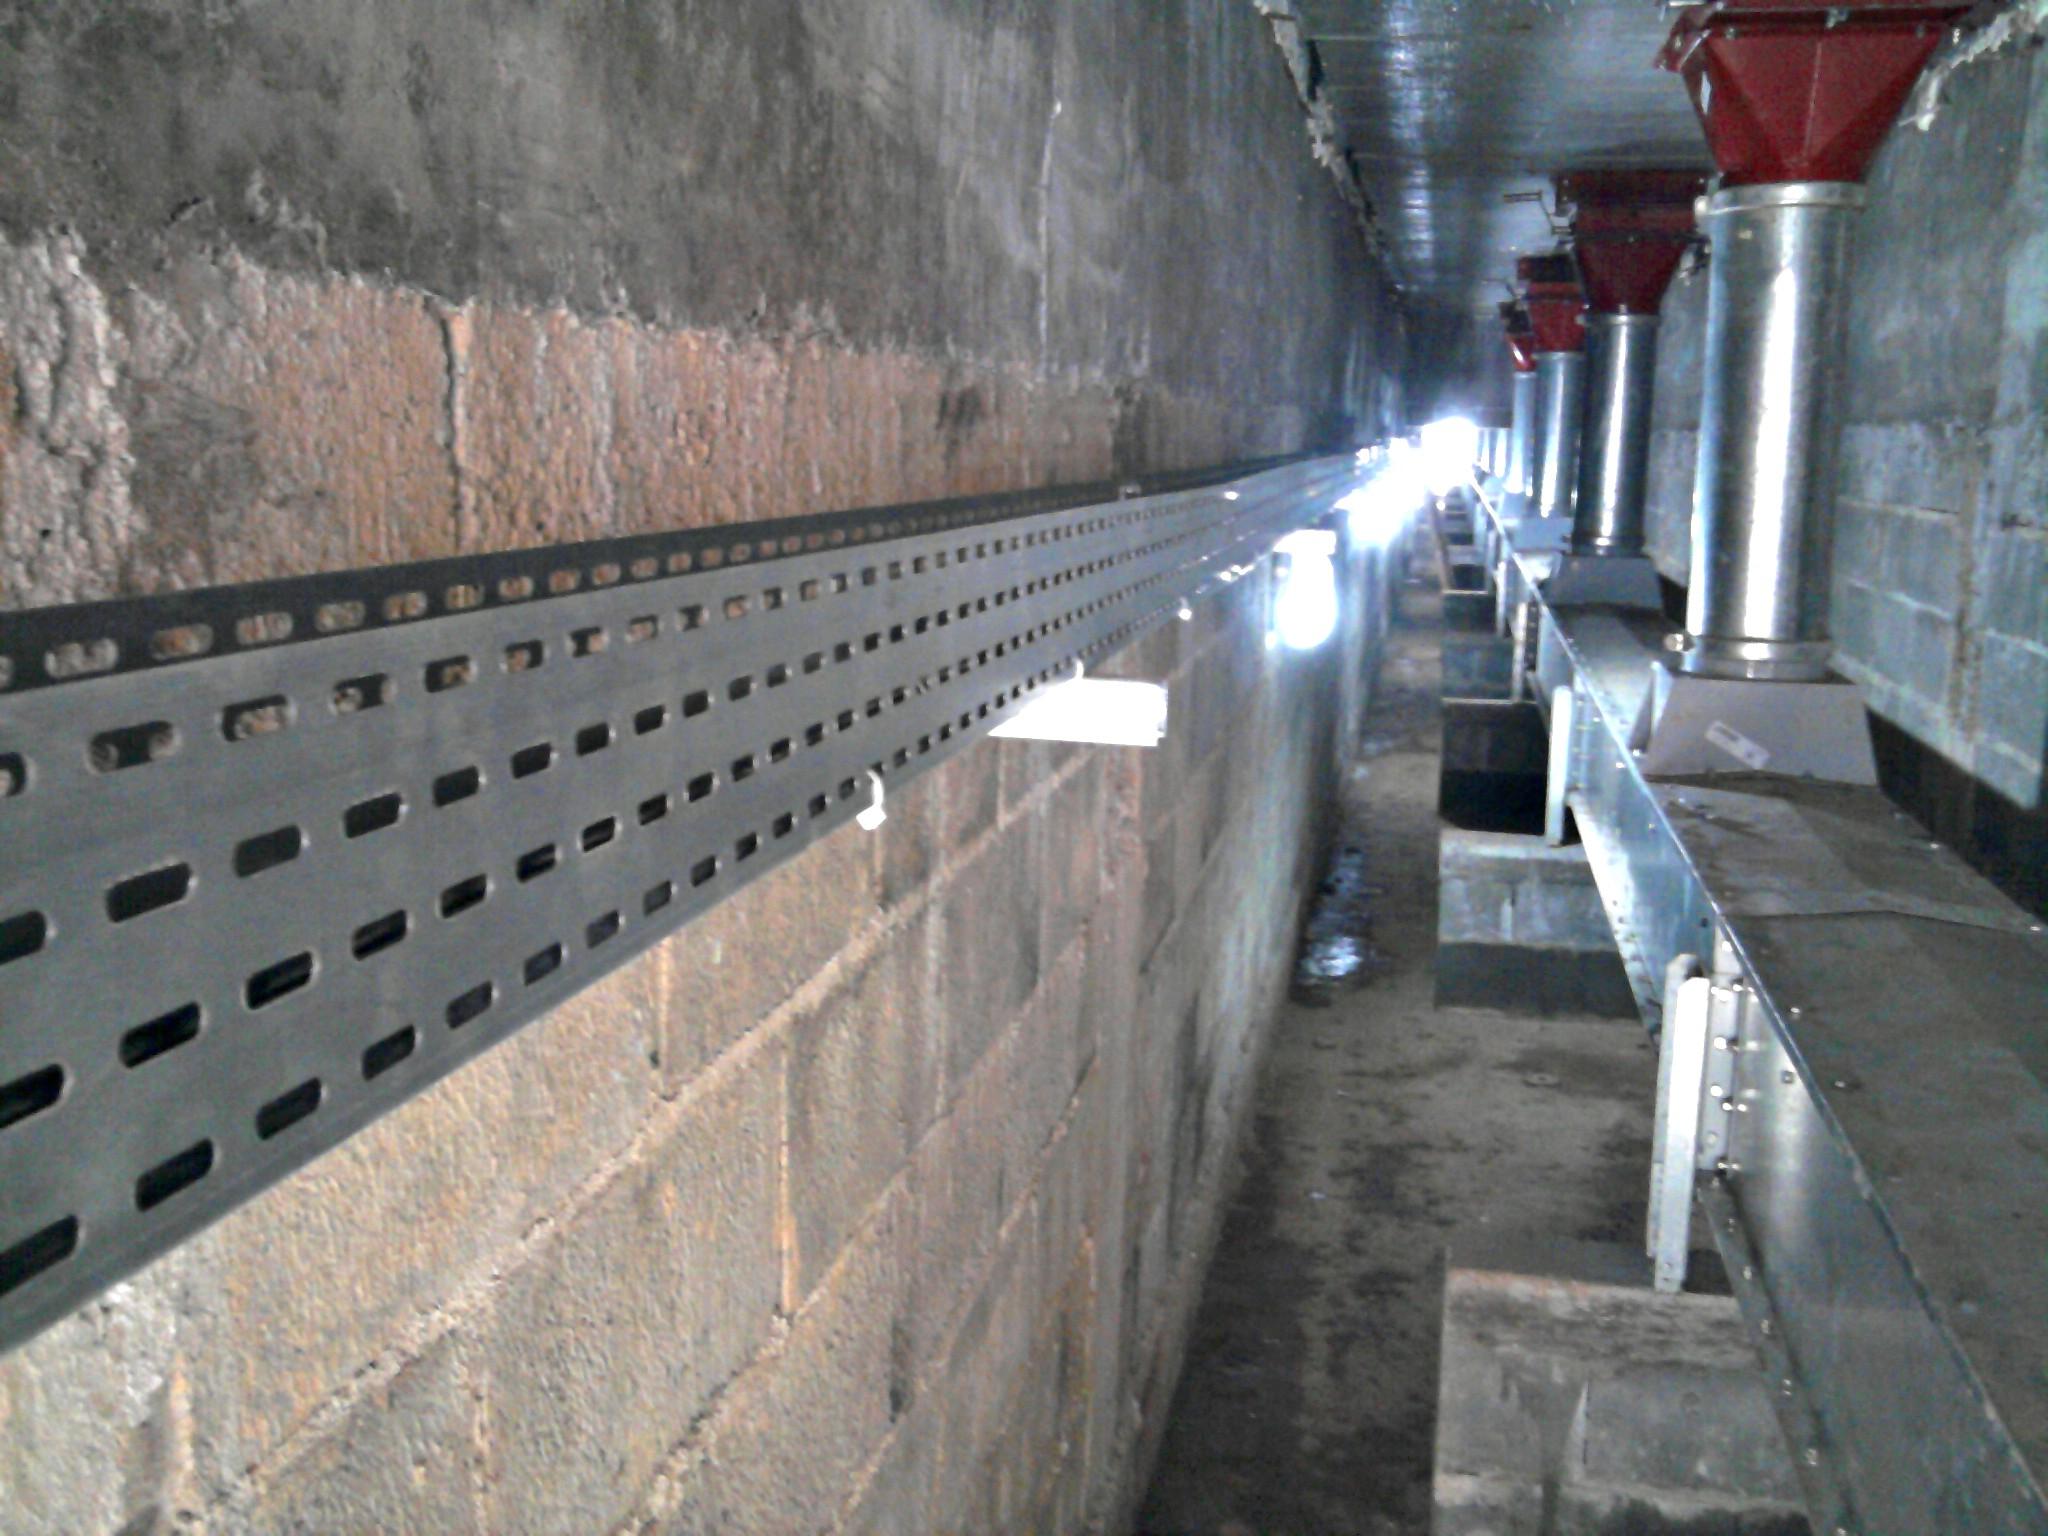 Instalação de Iluminação, Interruptores e Tomadas